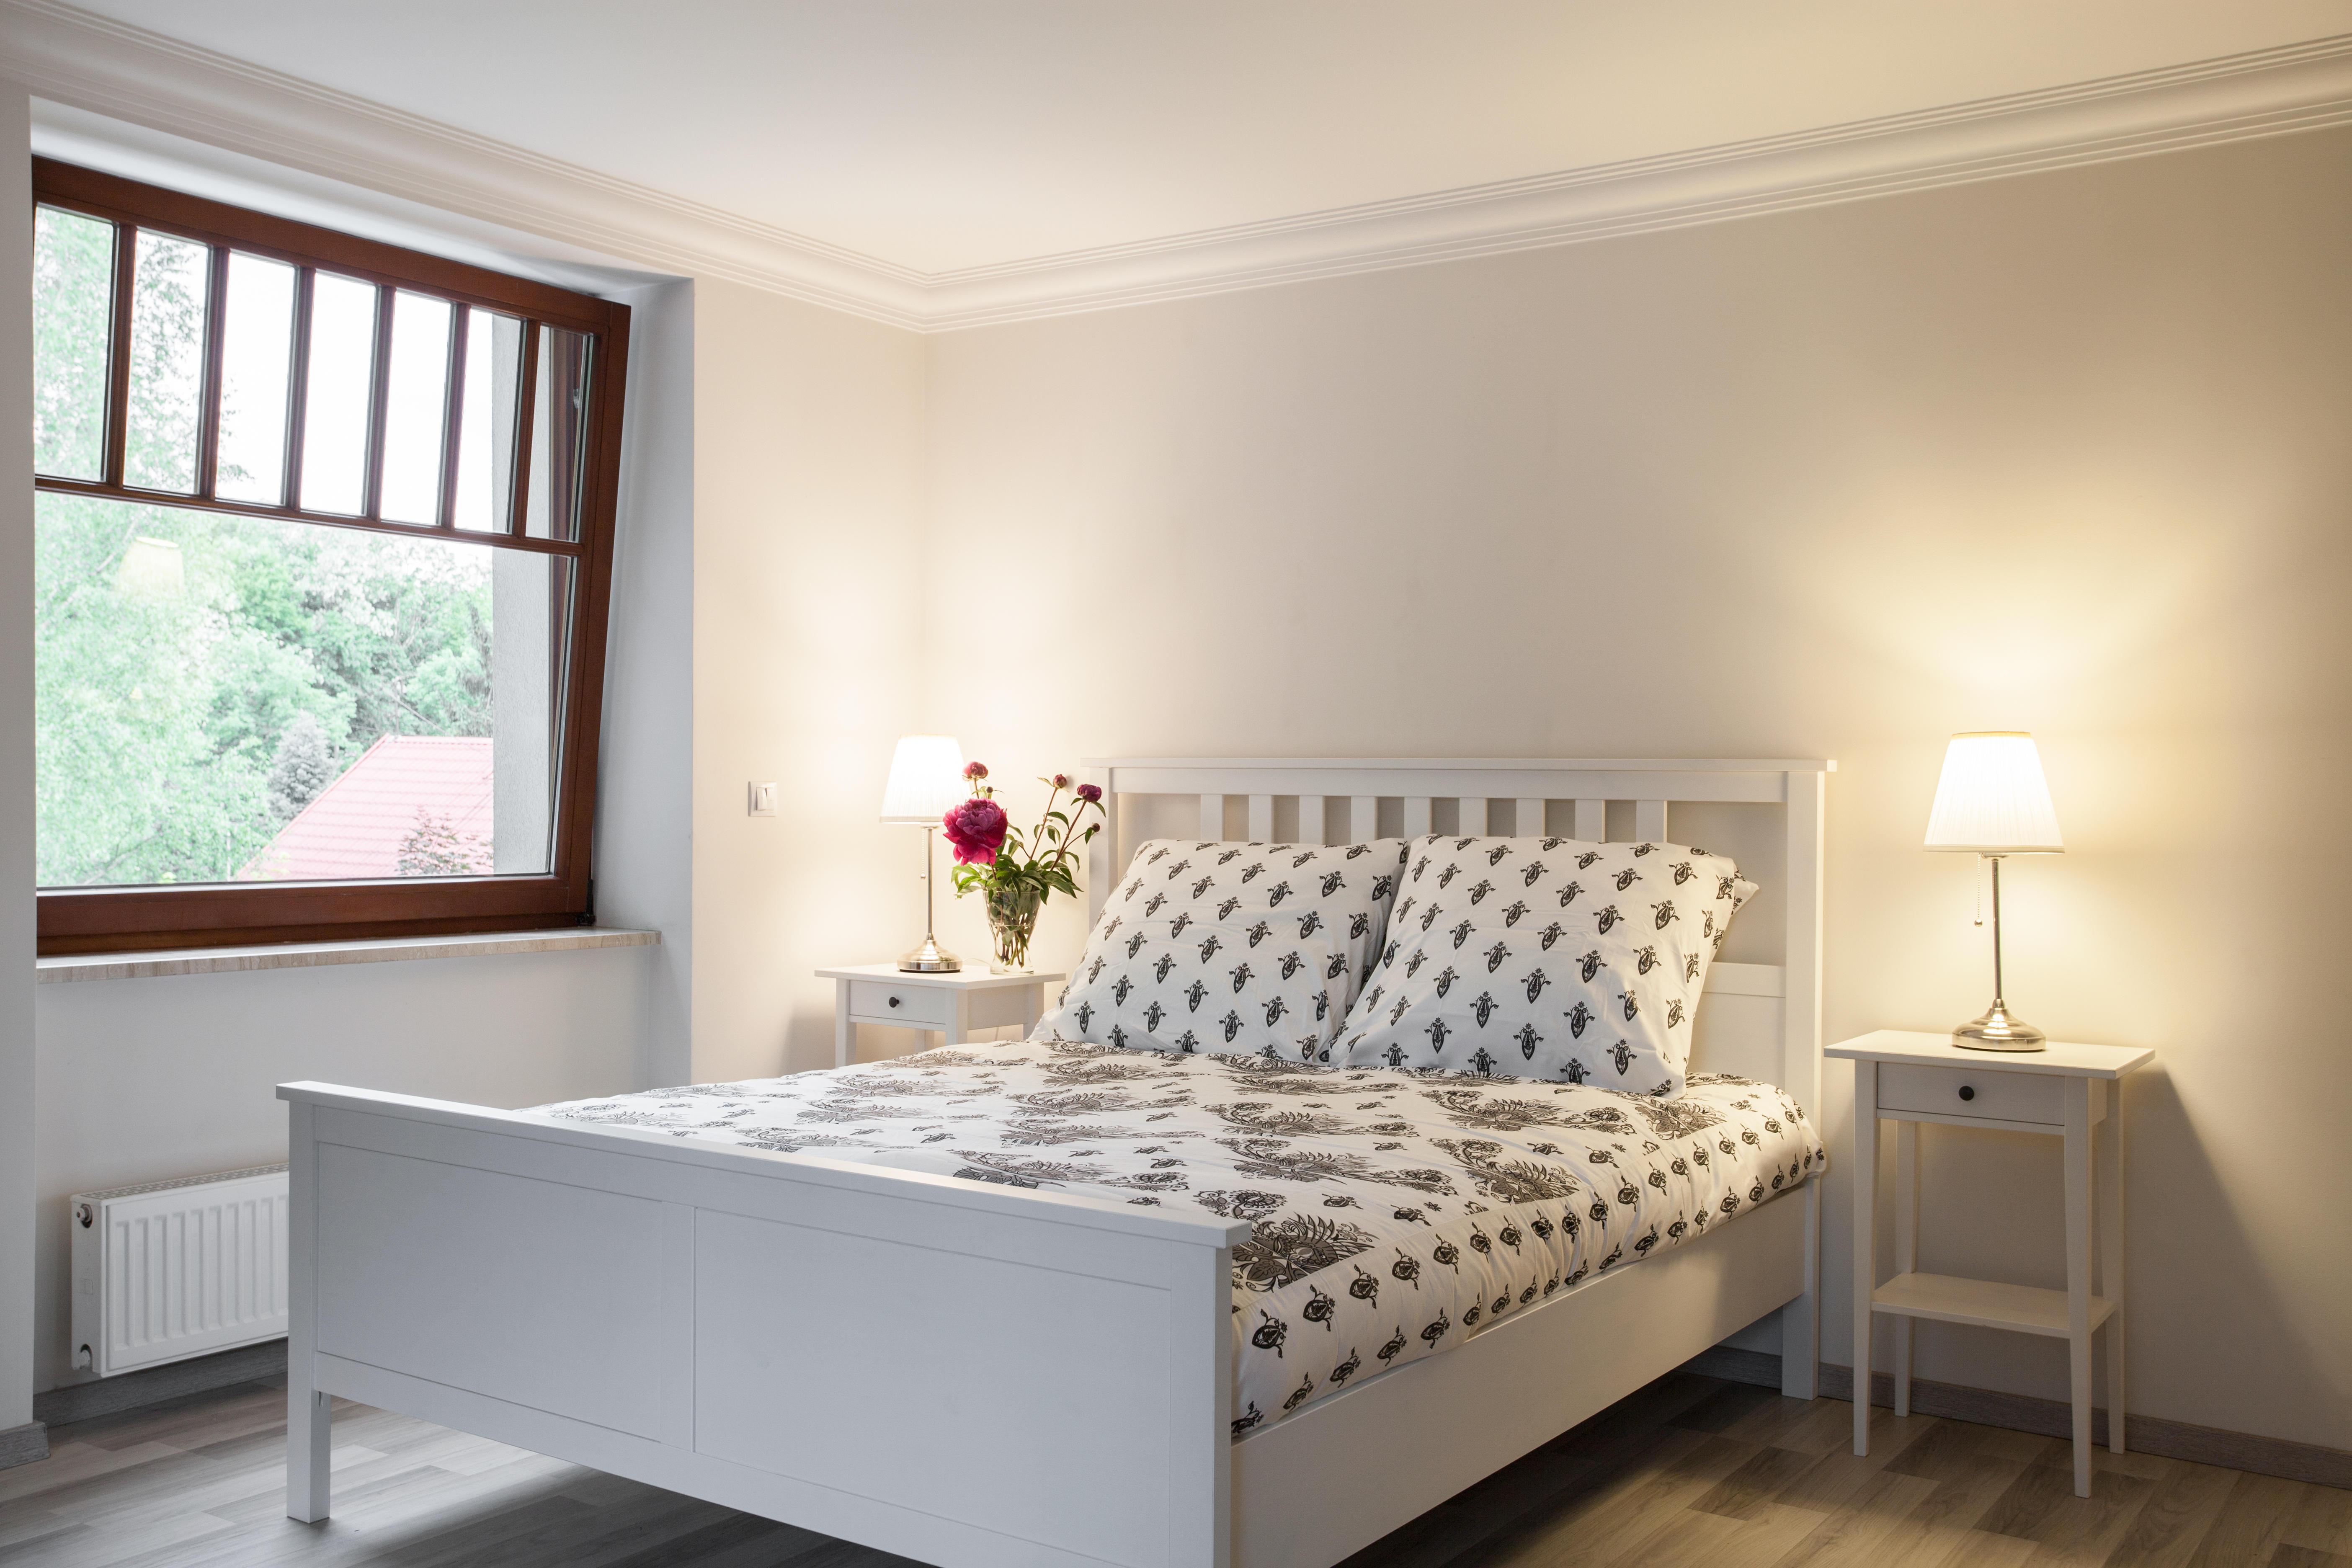 die 6 häufigsten einrichtungsfehler im schlafzimmer | brigitte.de, Wohnzimmer dekoo